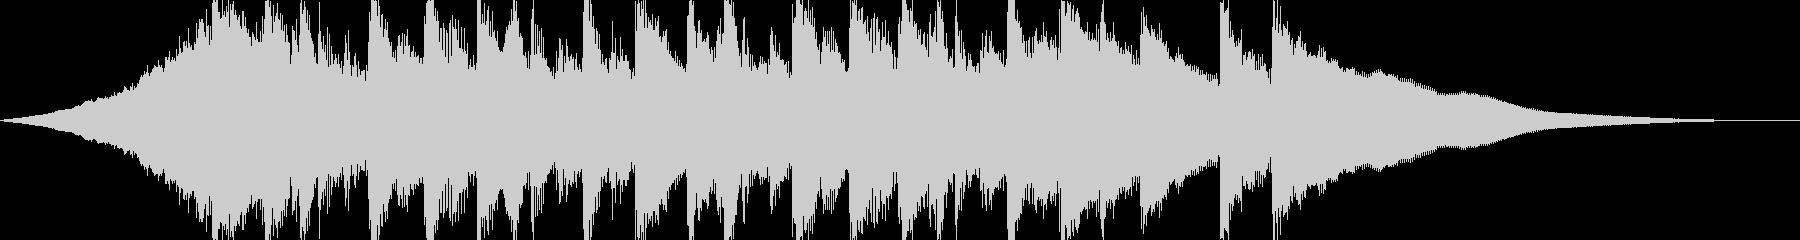 CMやサウンドロゴに、爽やかなアコギの曲の未再生の波形